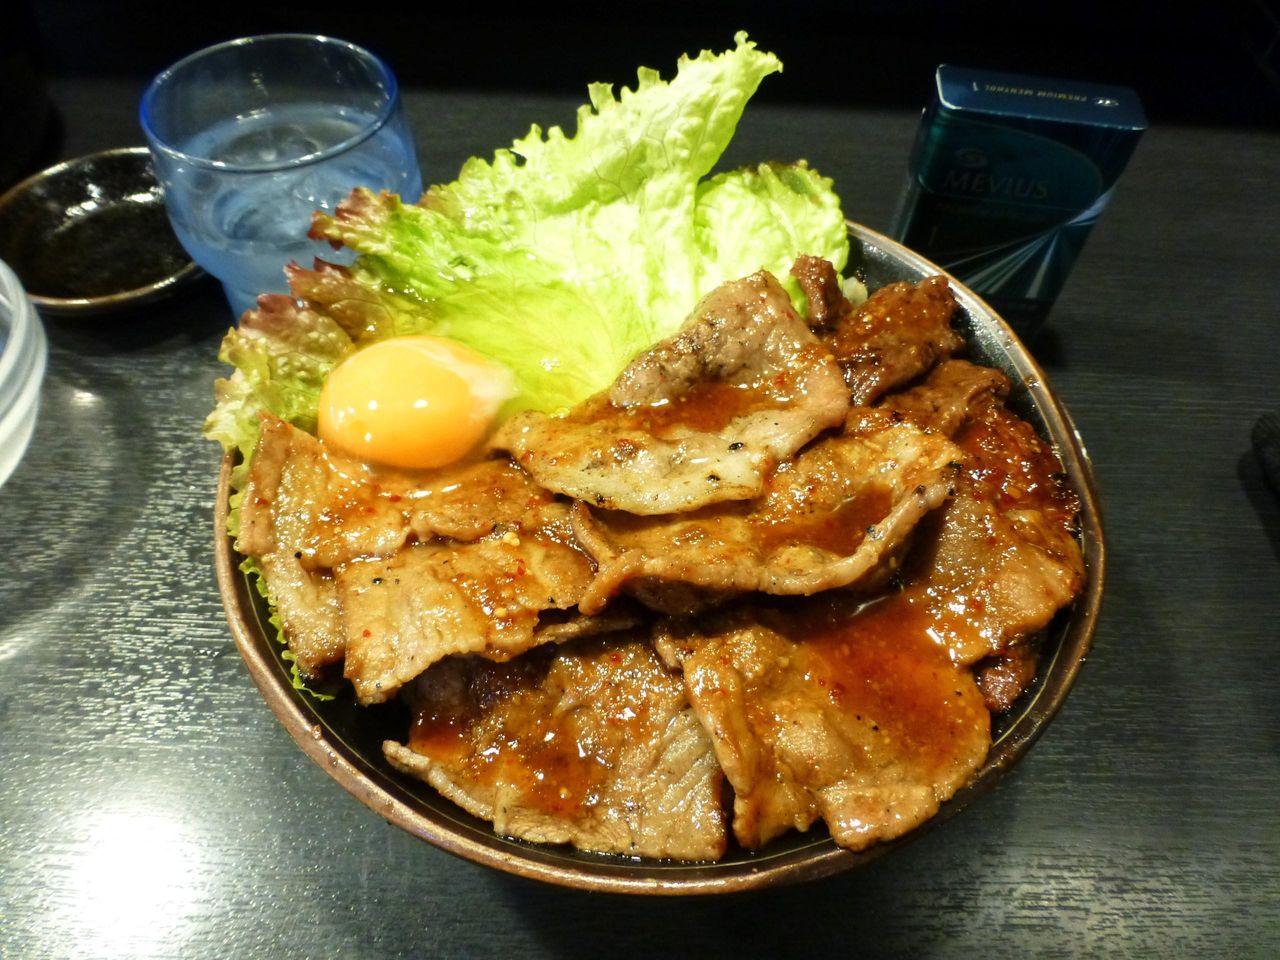 3種類の牛肉を使用して、牛肉のハットトリックや〜!